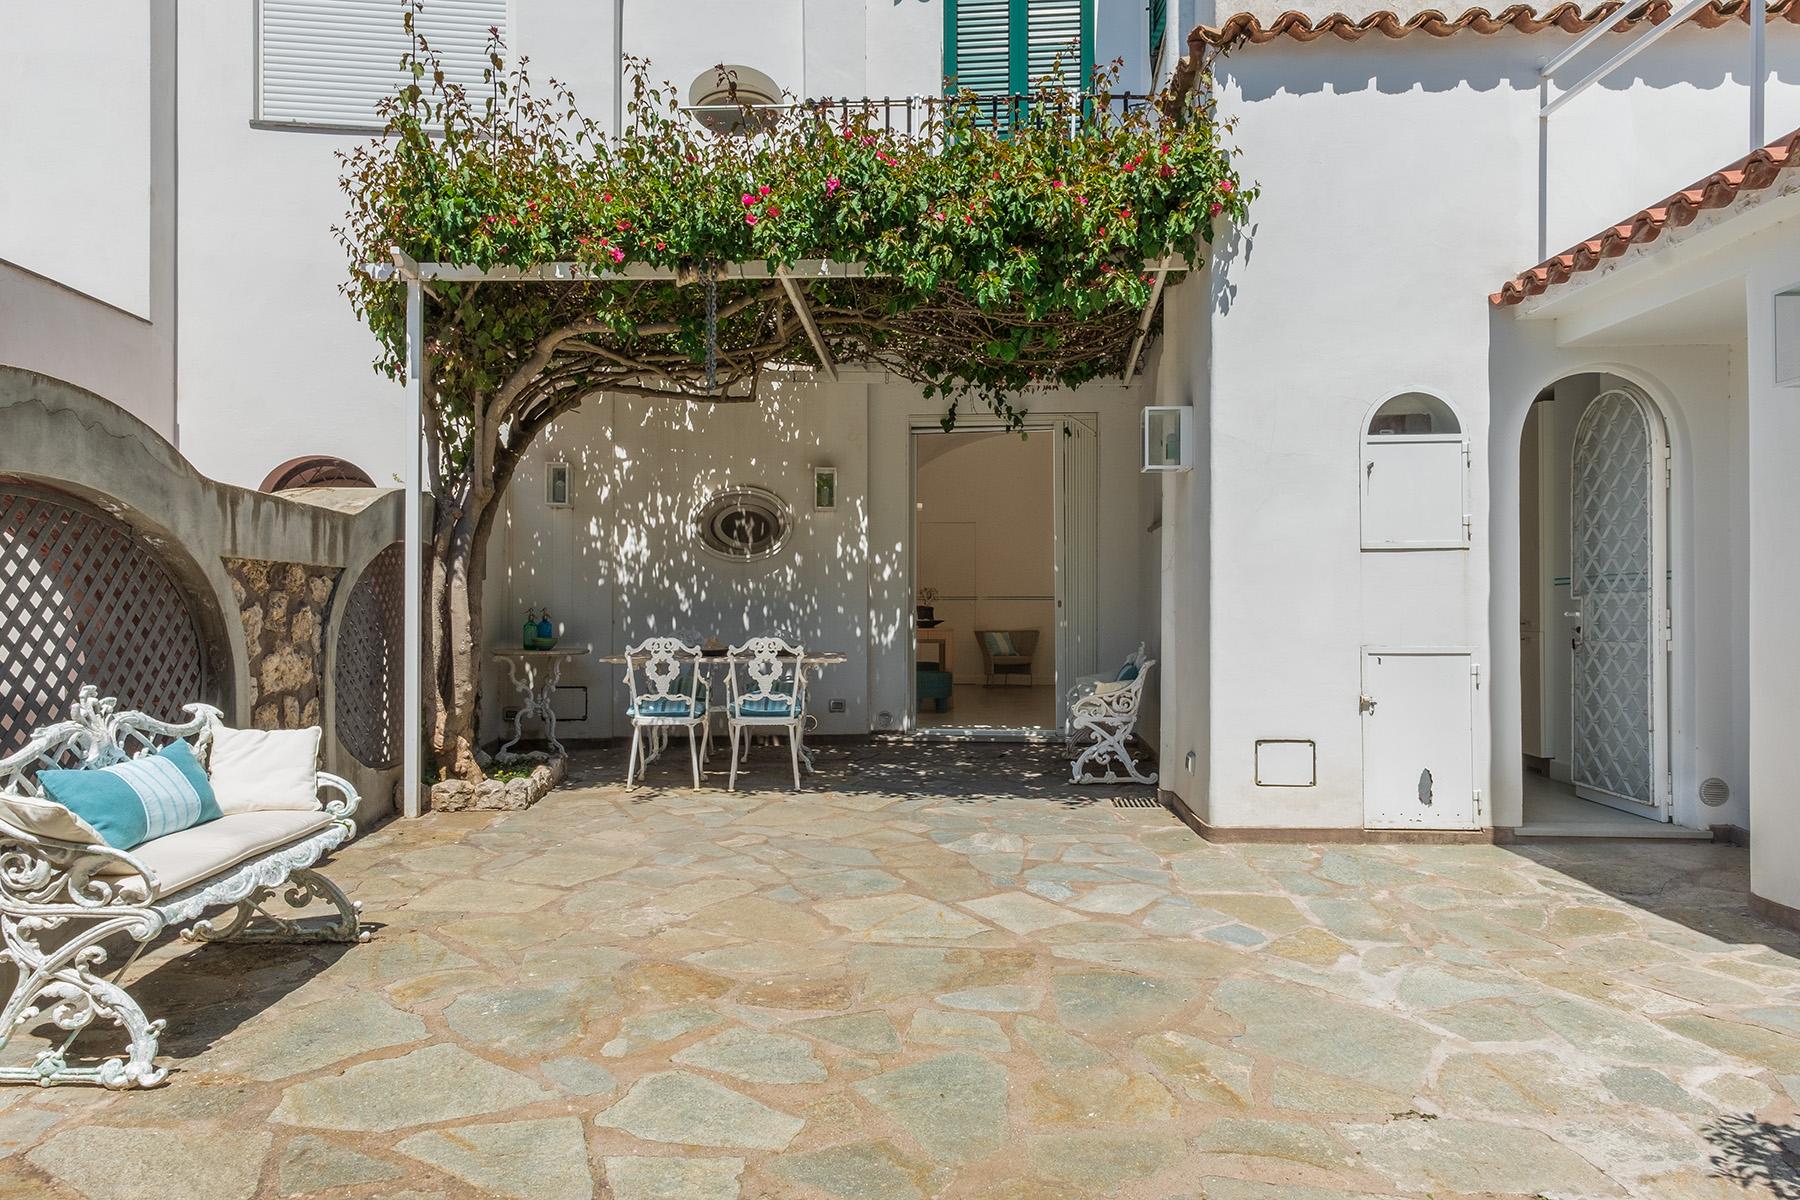 Appartamento in Vendita a Capri: 4 locali, 100 mq - Foto 4